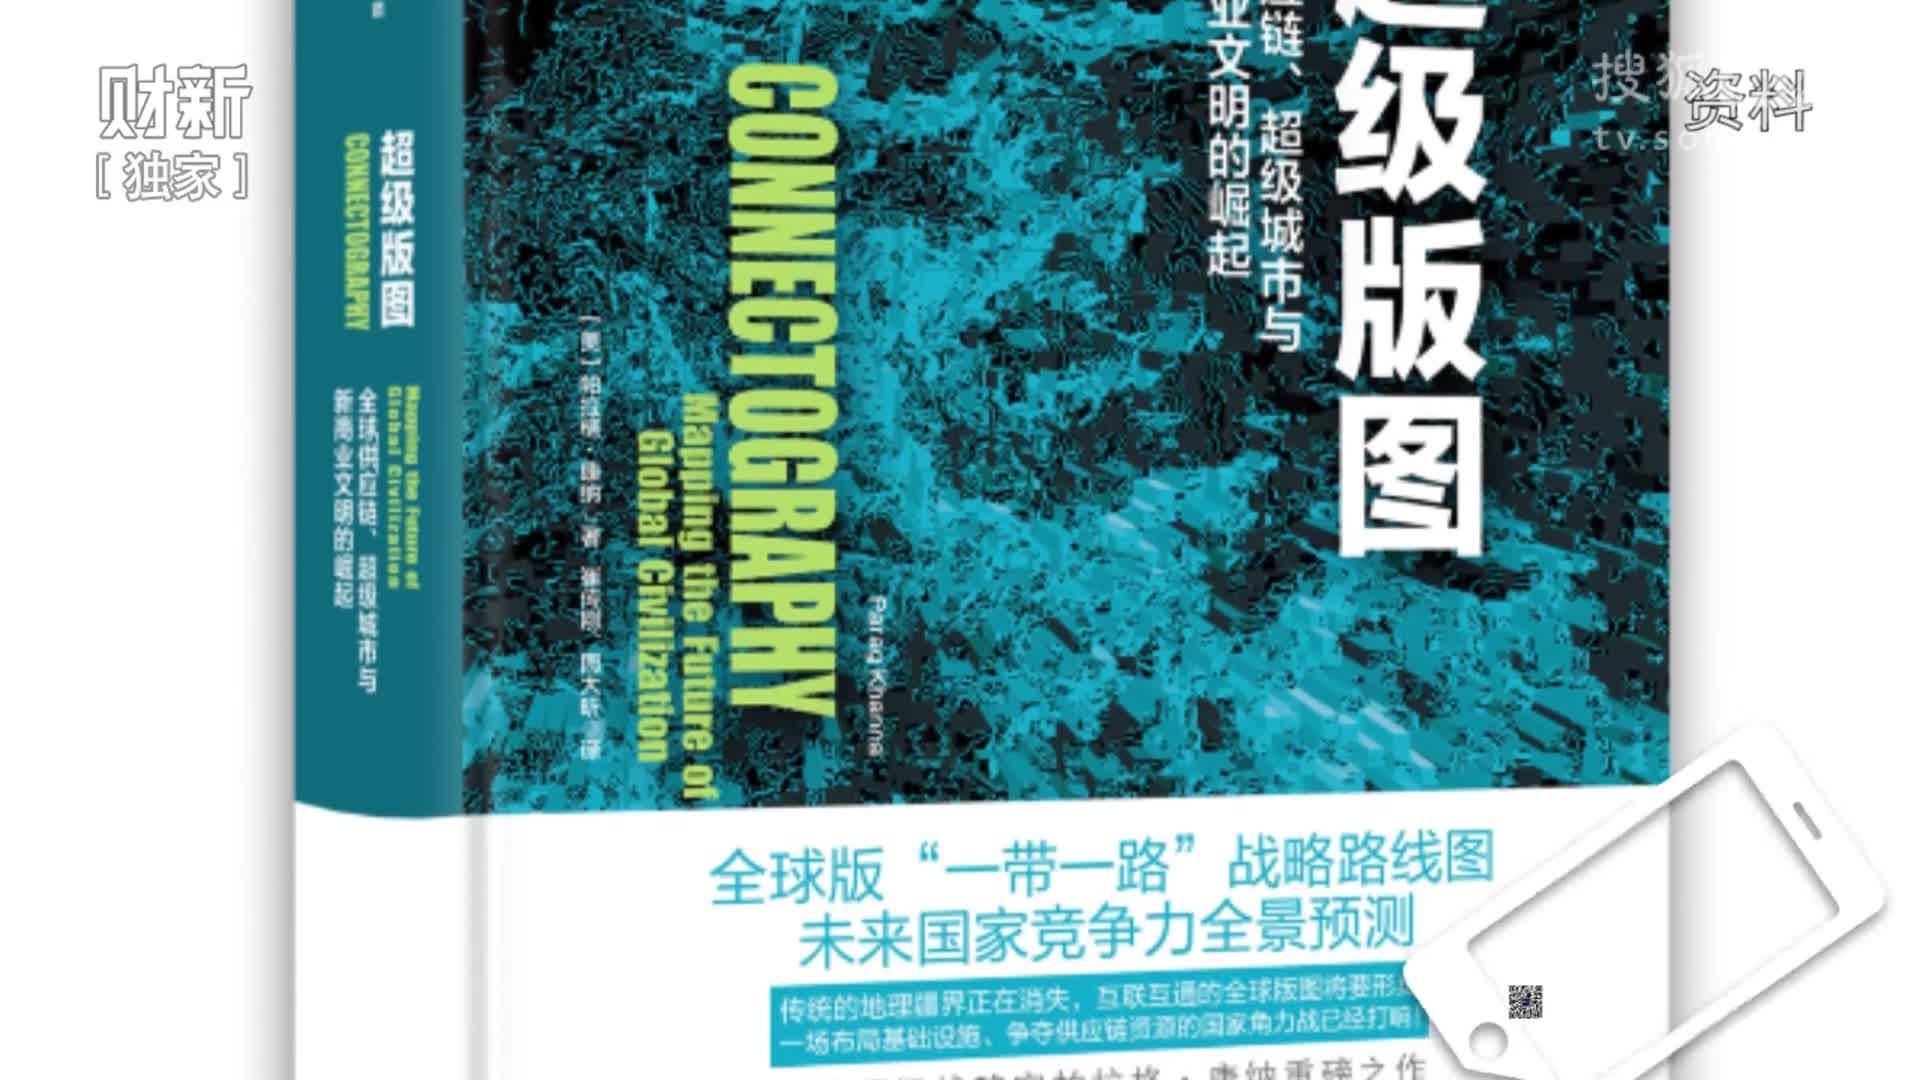 帕拉格·康纳:基建与供应链助推中国影响力